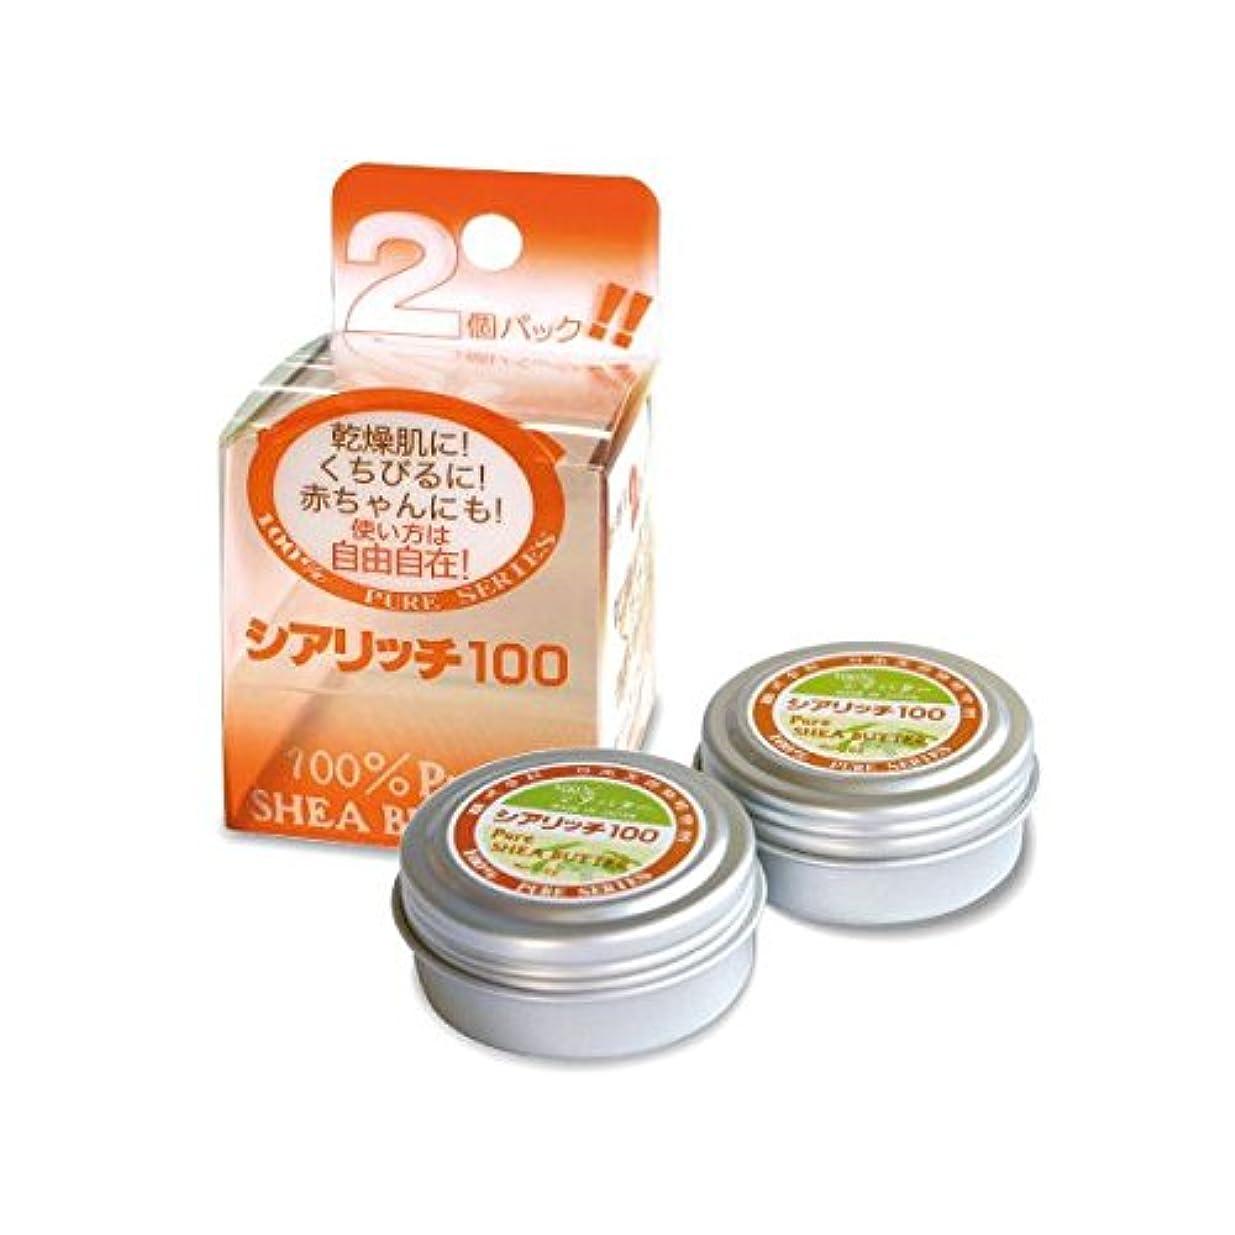 偽物祈りトランク日本天然物研究所 シアリッチ100 (8g×2個入り)【単品】(無添加100%シアバター)無香料